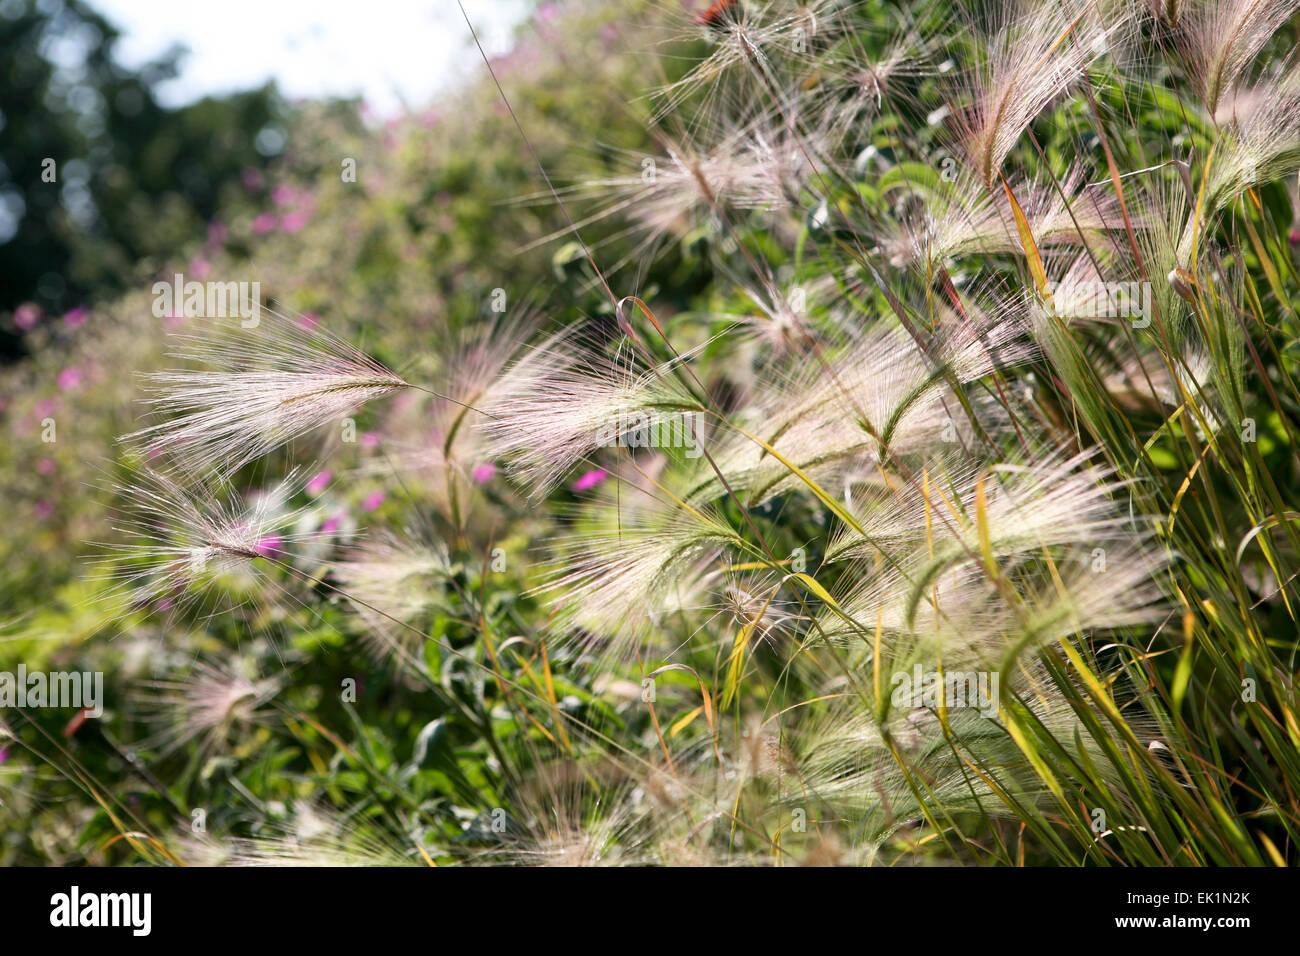 Hordeum jubatum - grass seed heads catching the sunlight - Stock Image